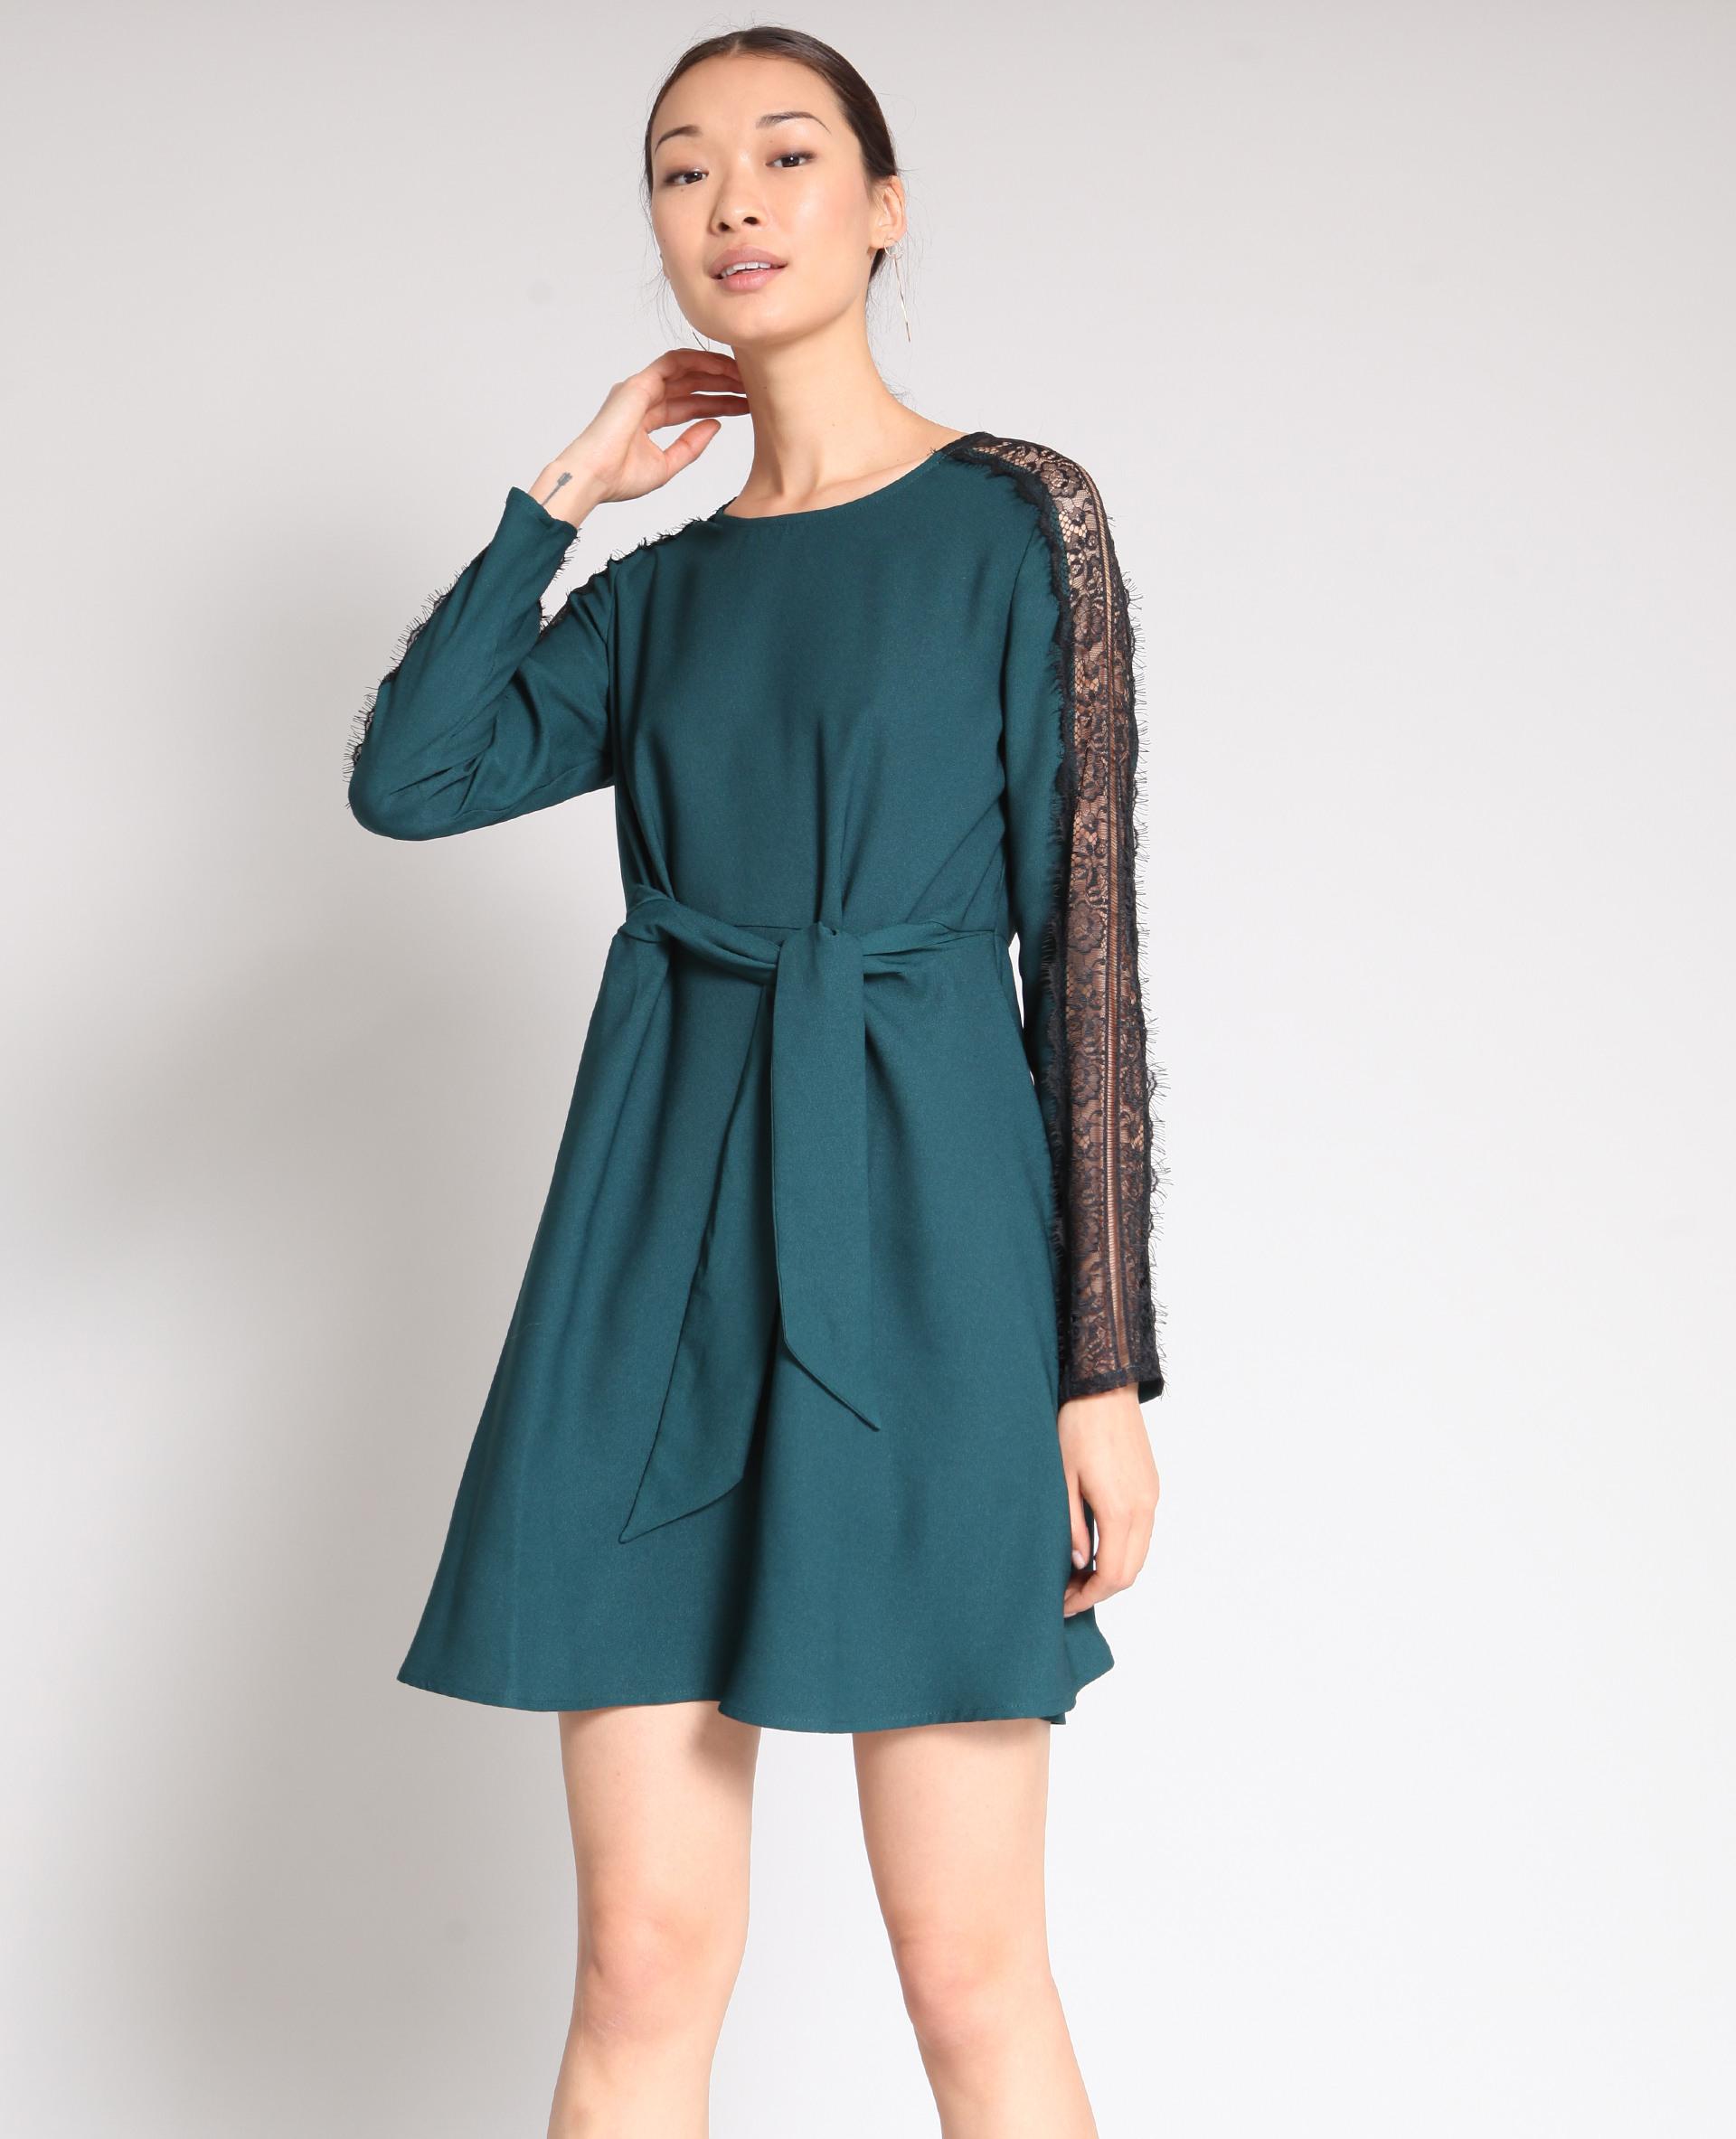 Erstaunlich Grünes Kleid Spitze Bester Preis13 Genial Grünes Kleid Spitze Ärmel